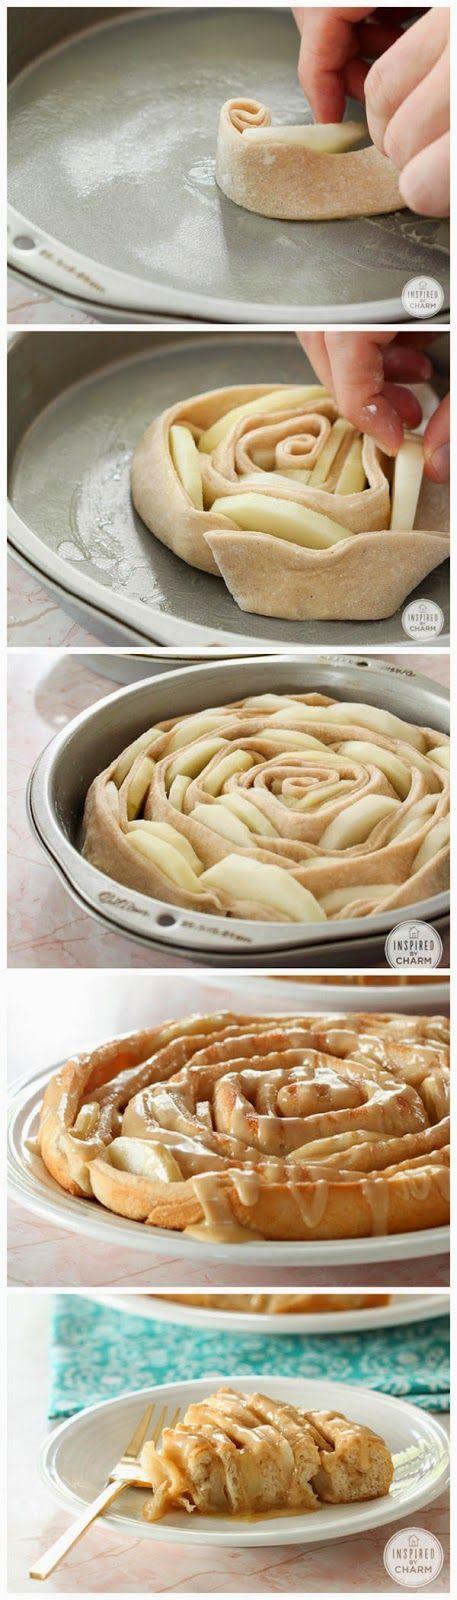 Tarta de manzana acaramelada en forma de espiral